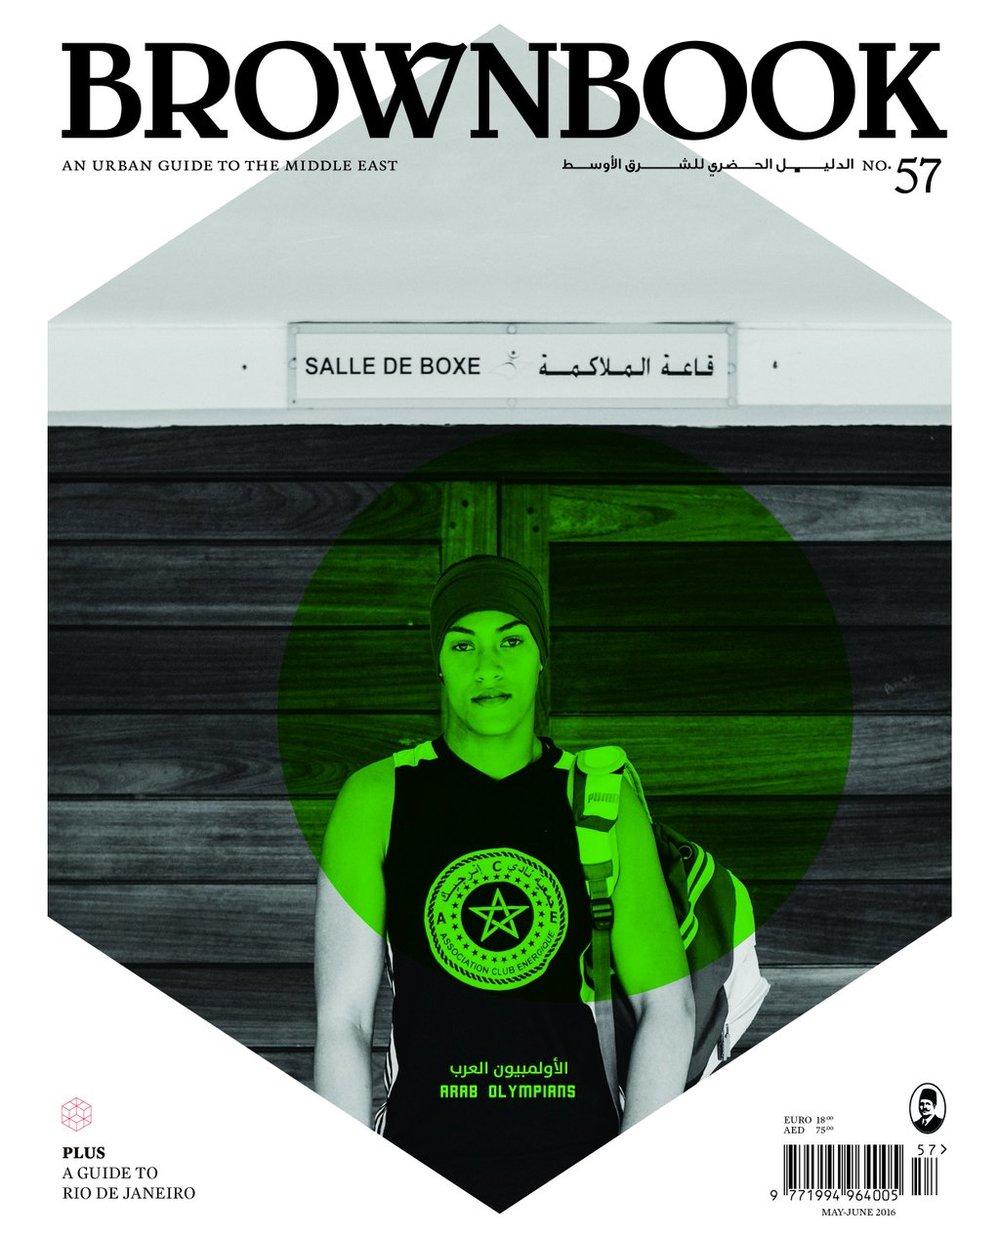 Brownbook-Olympic.jpg